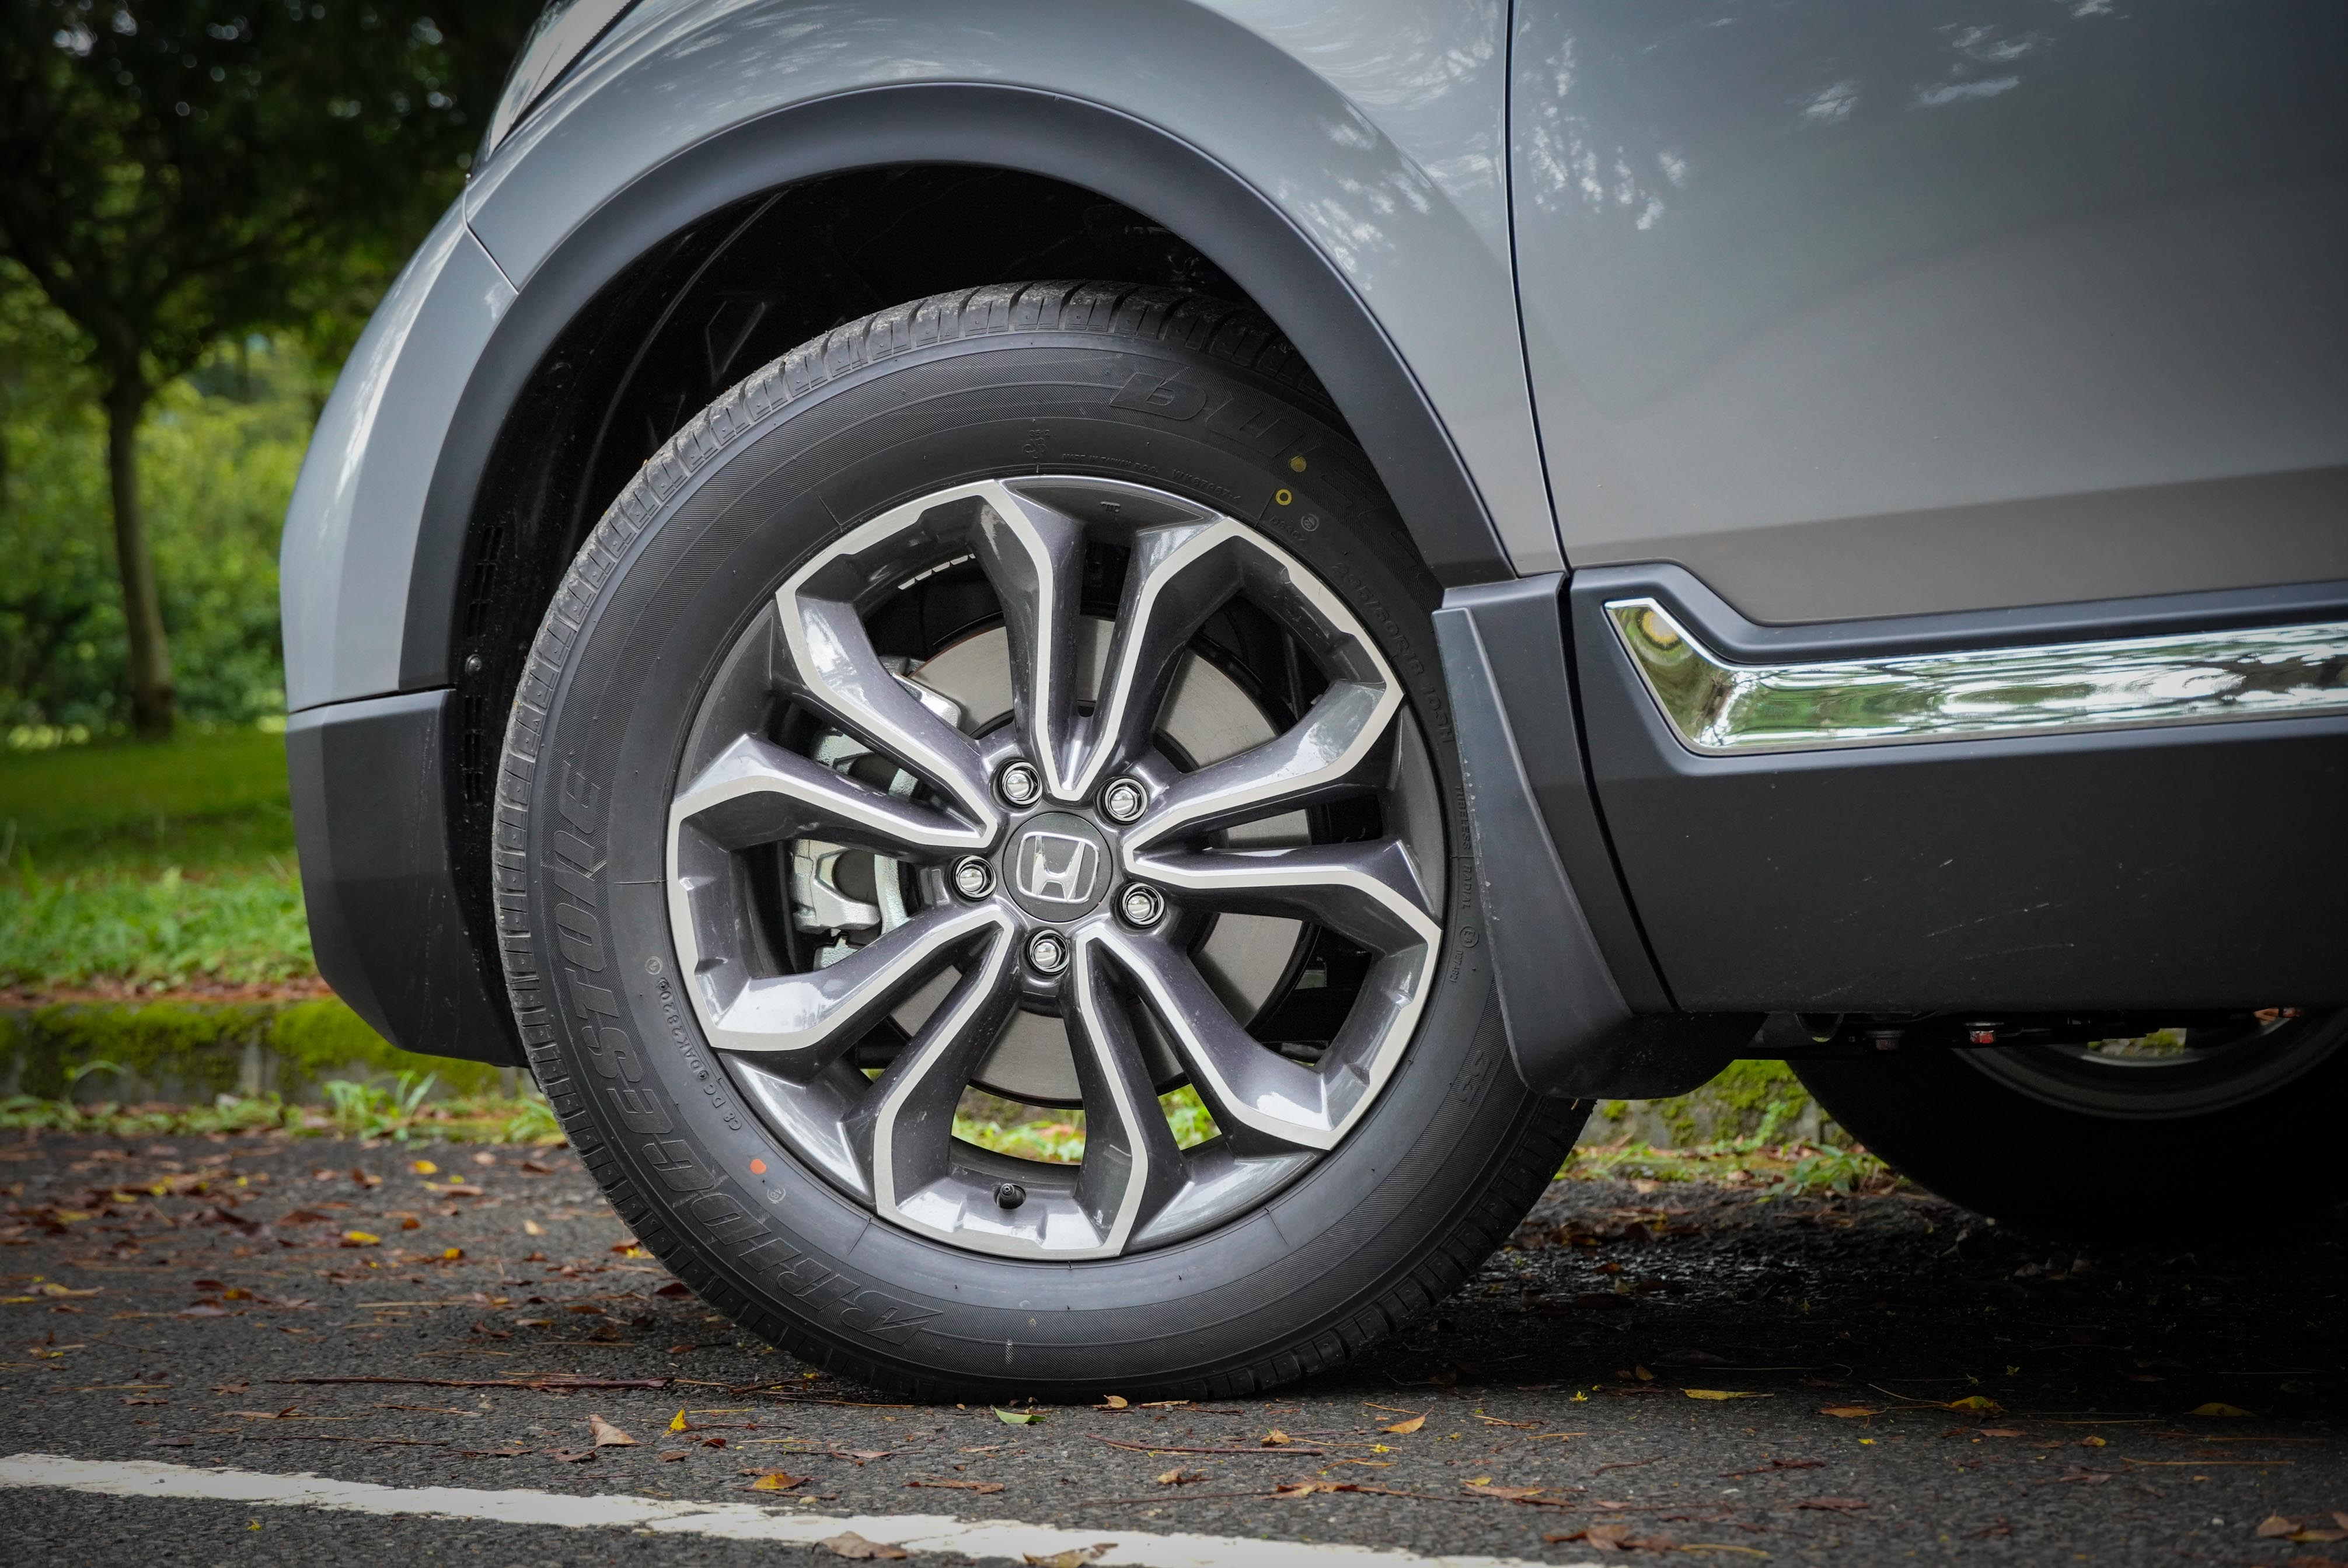 全車系標配 18 吋輪圈。